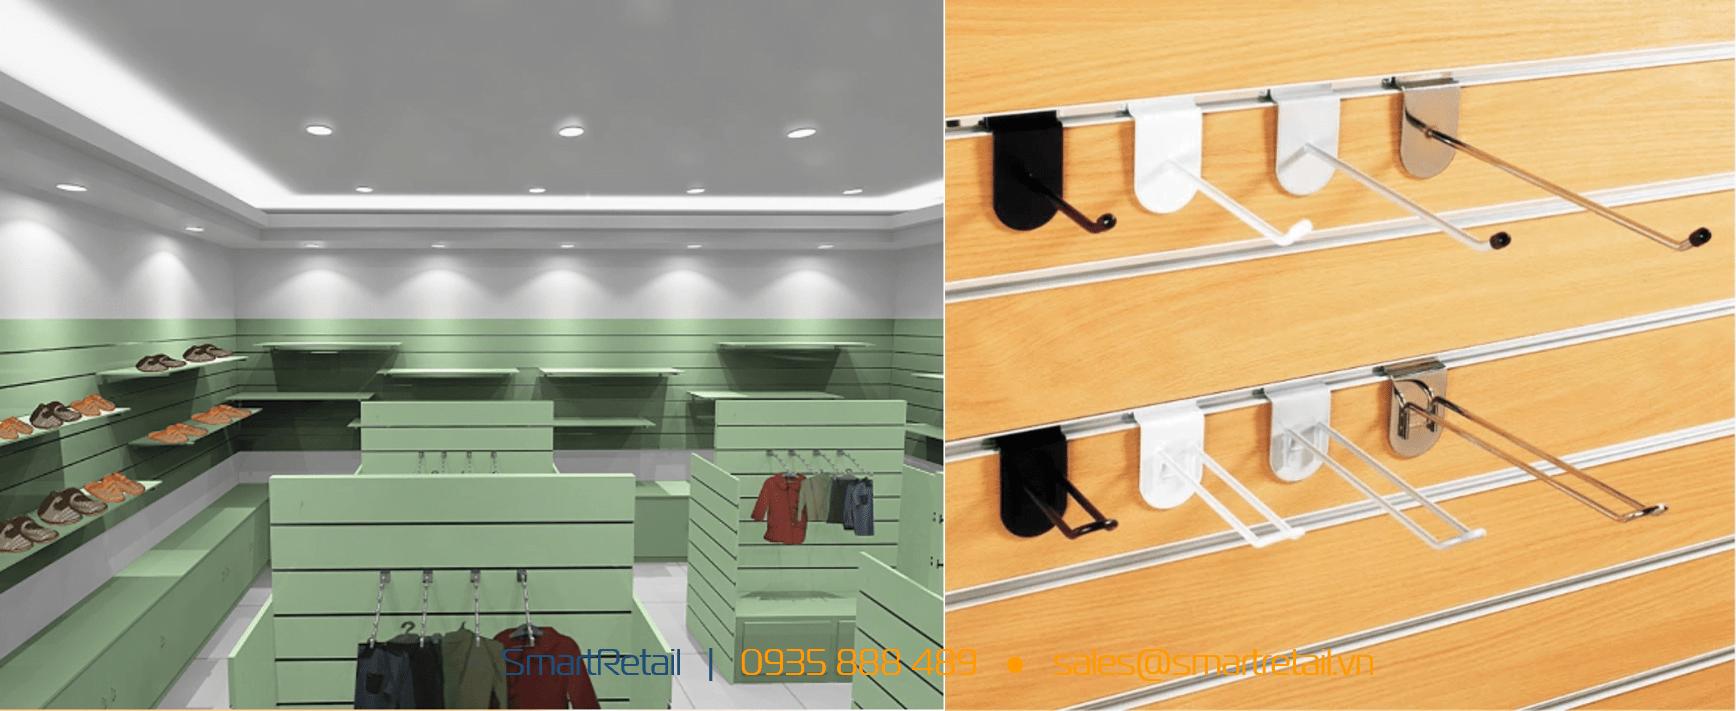 Cửa hàng Slatwall - Vật dụng thi công shop - SmartRetail - 0935888489